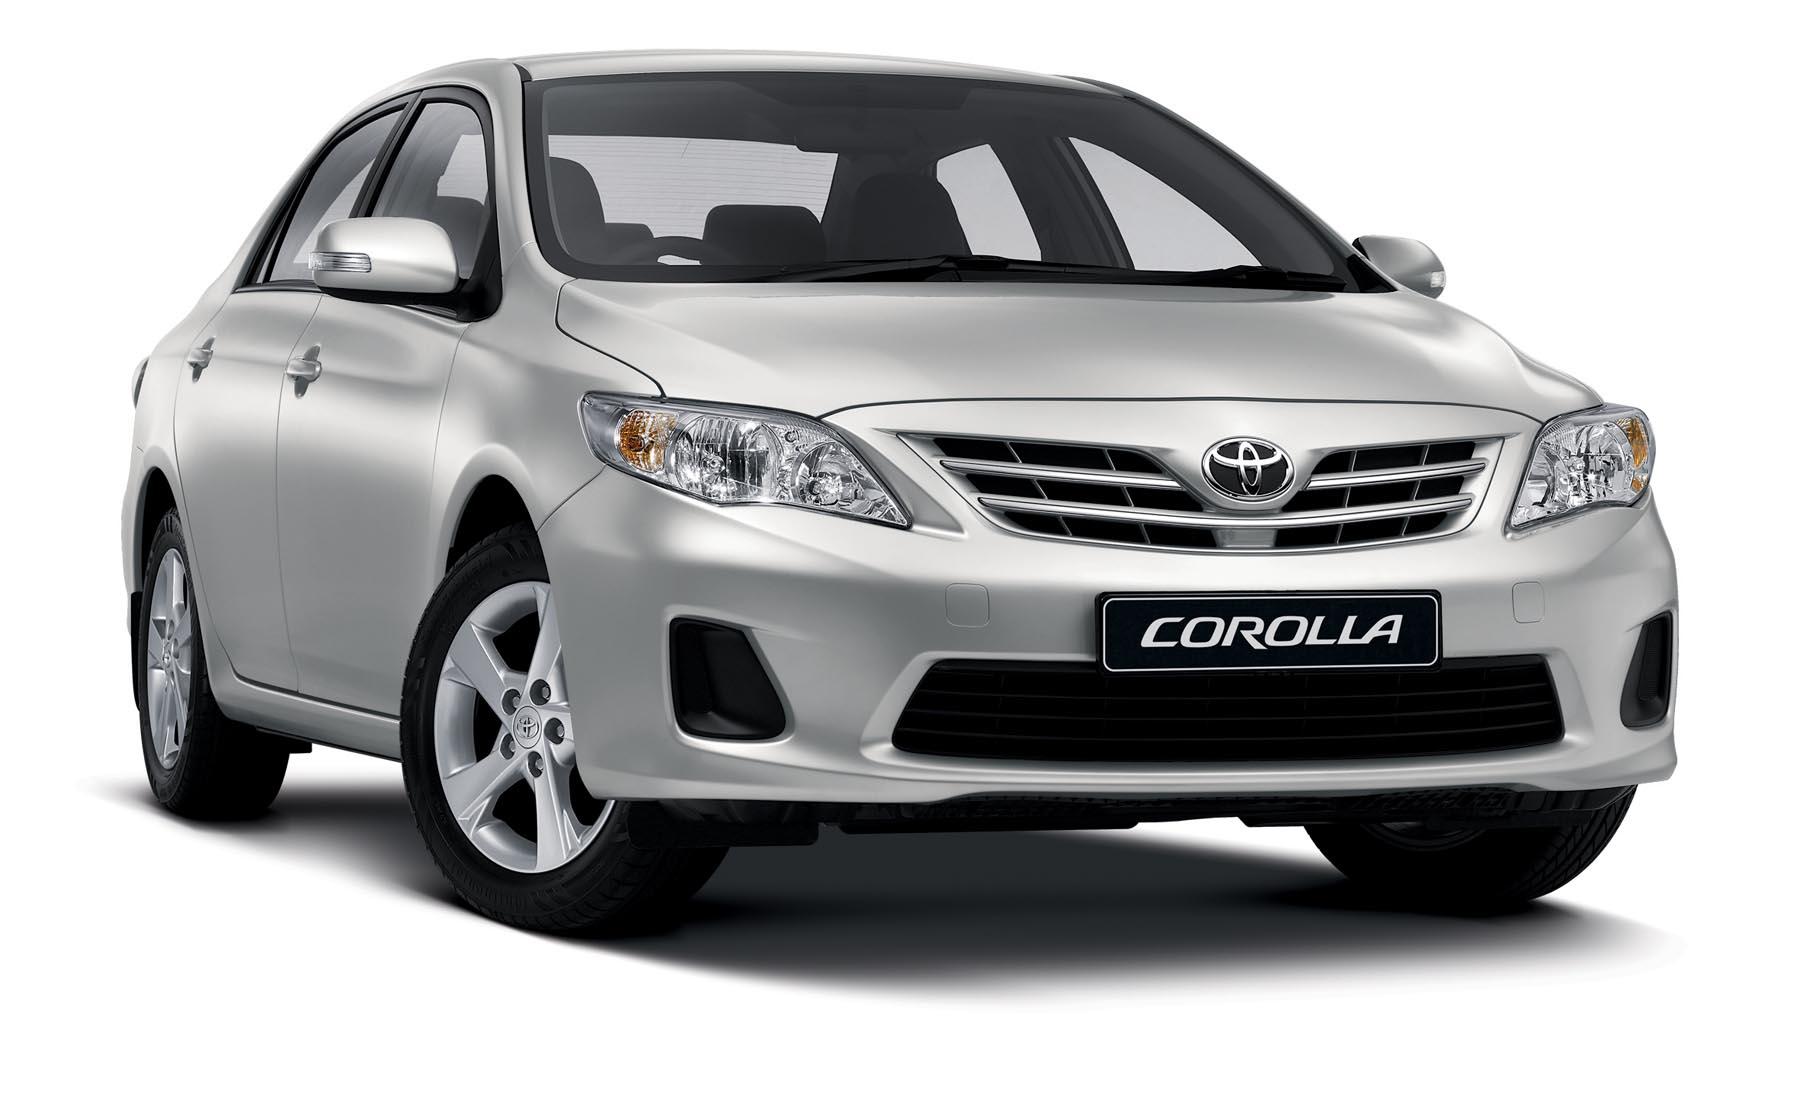 Toyota Corolla Gli Vvti 2013 Price Specs Features